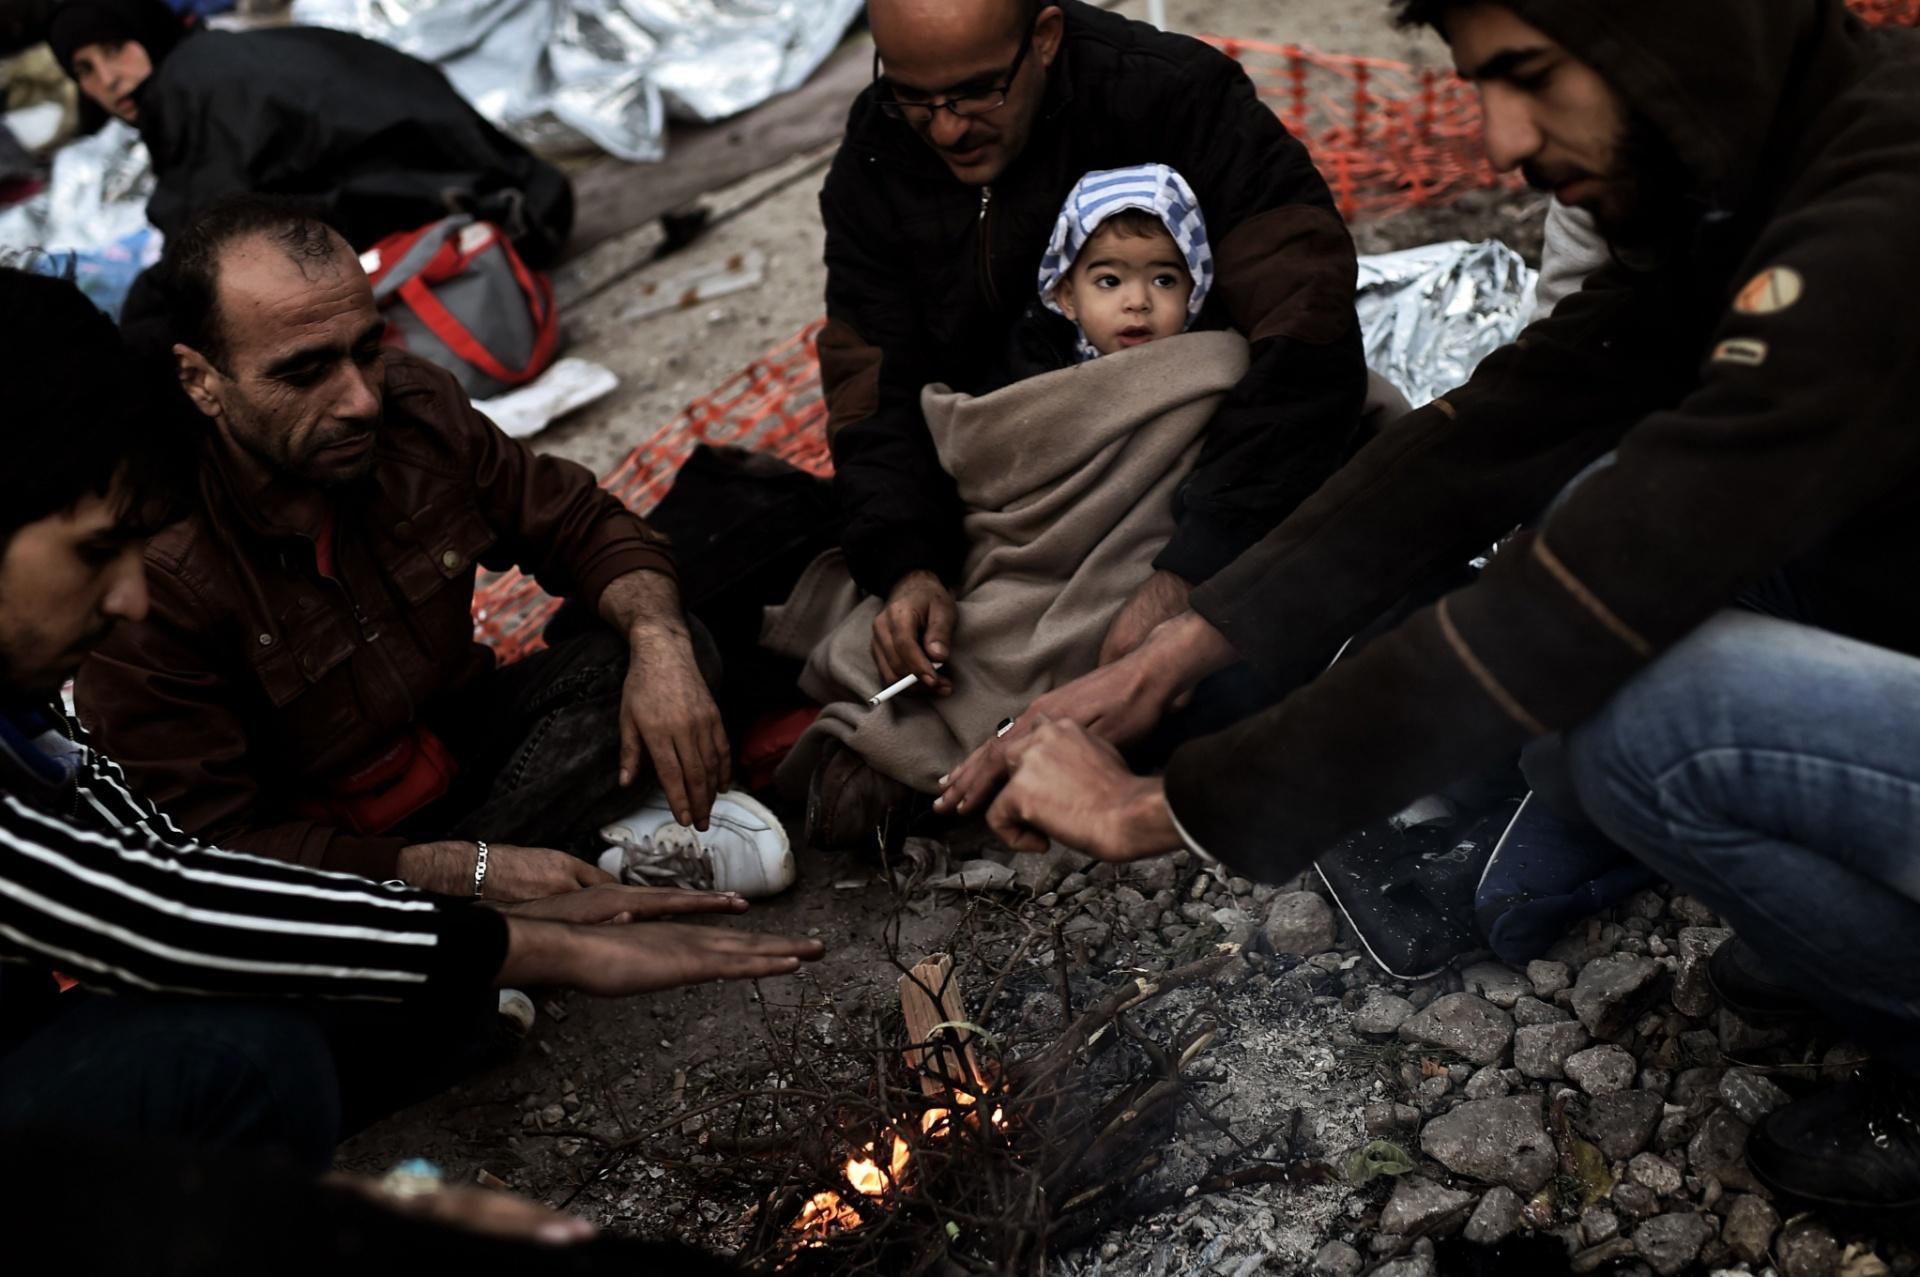 5.out.2015 - Imigrantes tentam se aquecer após chegarem à ilha grega de Lesbos, depois de completarem a travessia por mar a partir da Turquia. Segundo a ONU, nos últimos dez anos, o número de refugiados no mundo aumentou mais de 50%